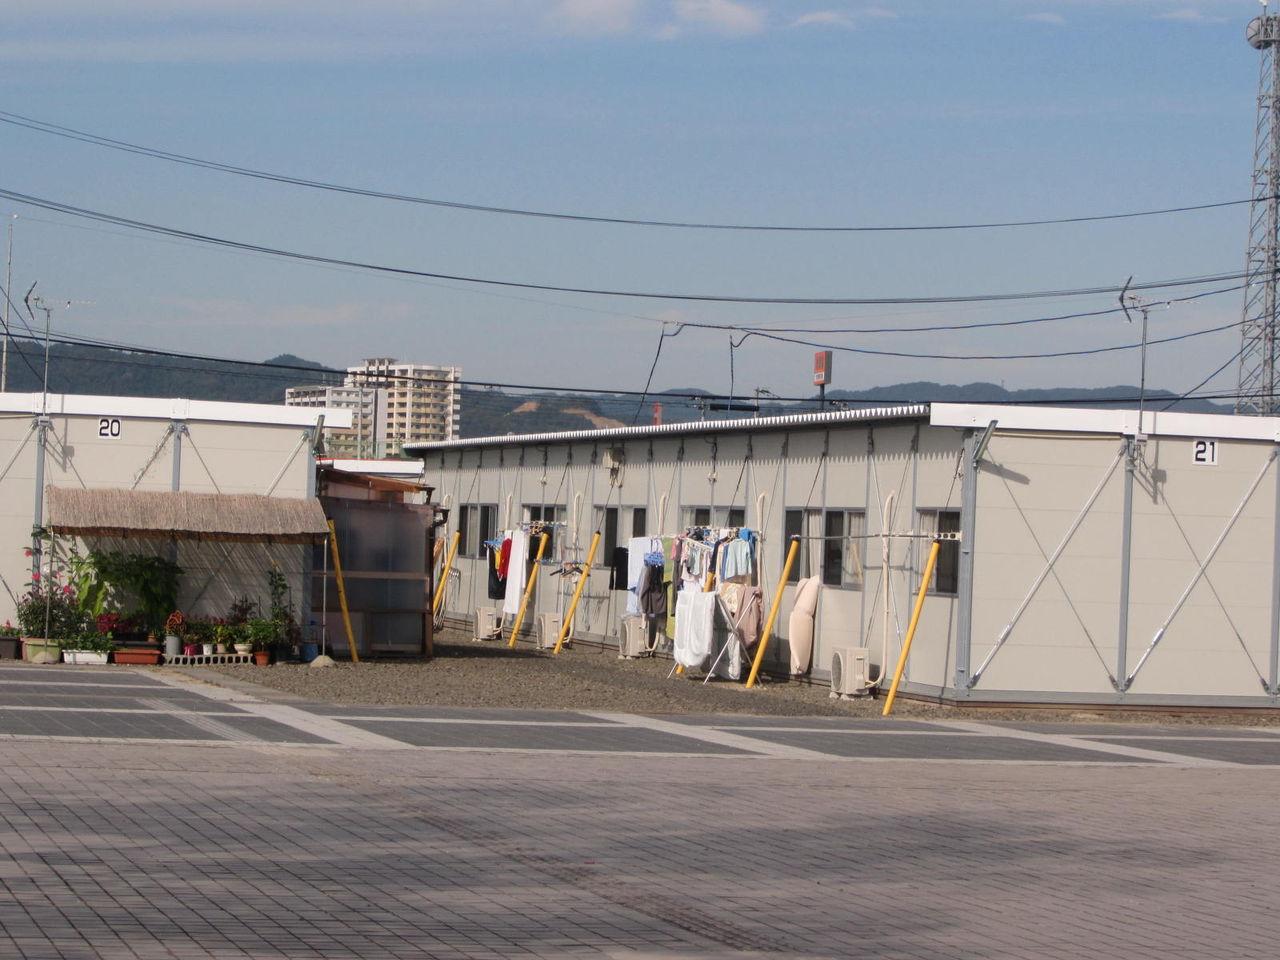 どんづまり温泉 : 岩沼市「里の杜仮設住宅」での炊き出し(芋煮)